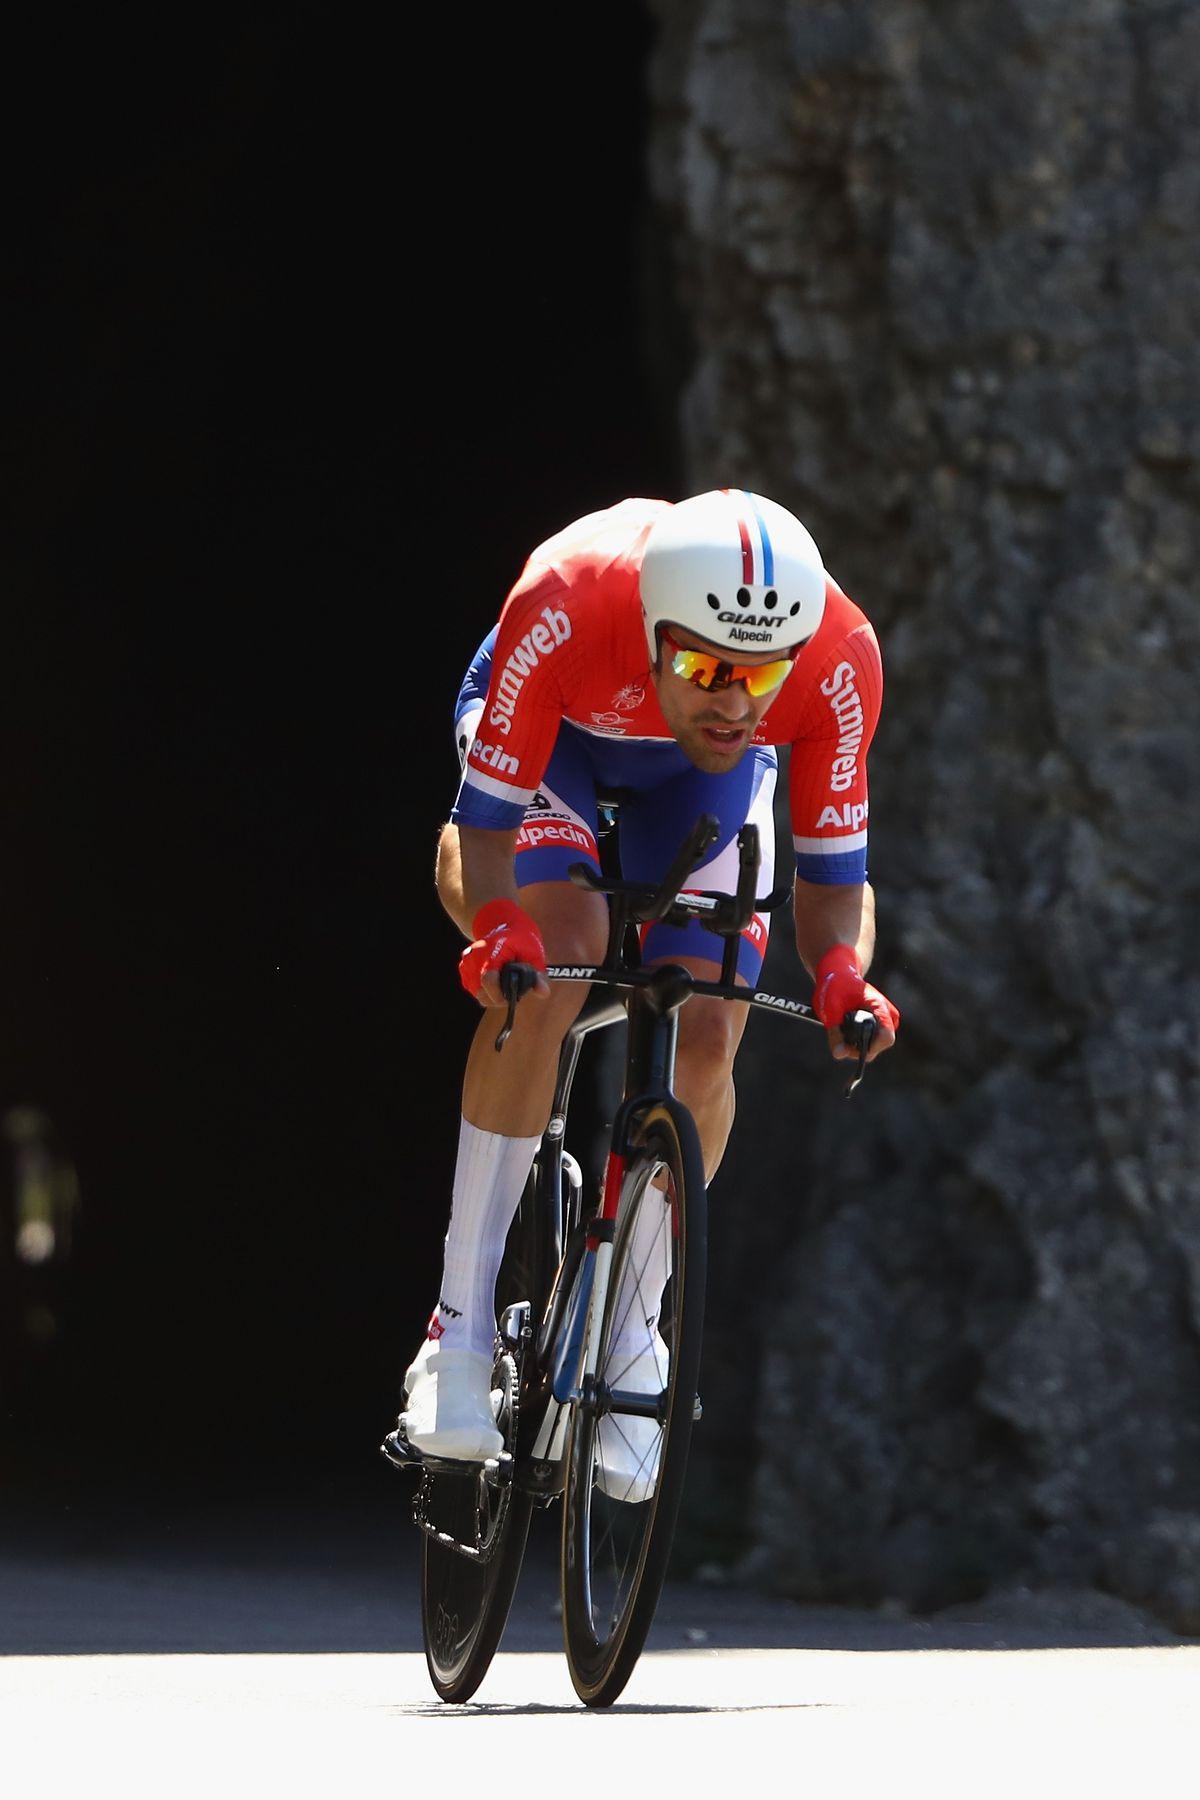 Le Tour de France 2016 - Stage Thirteen